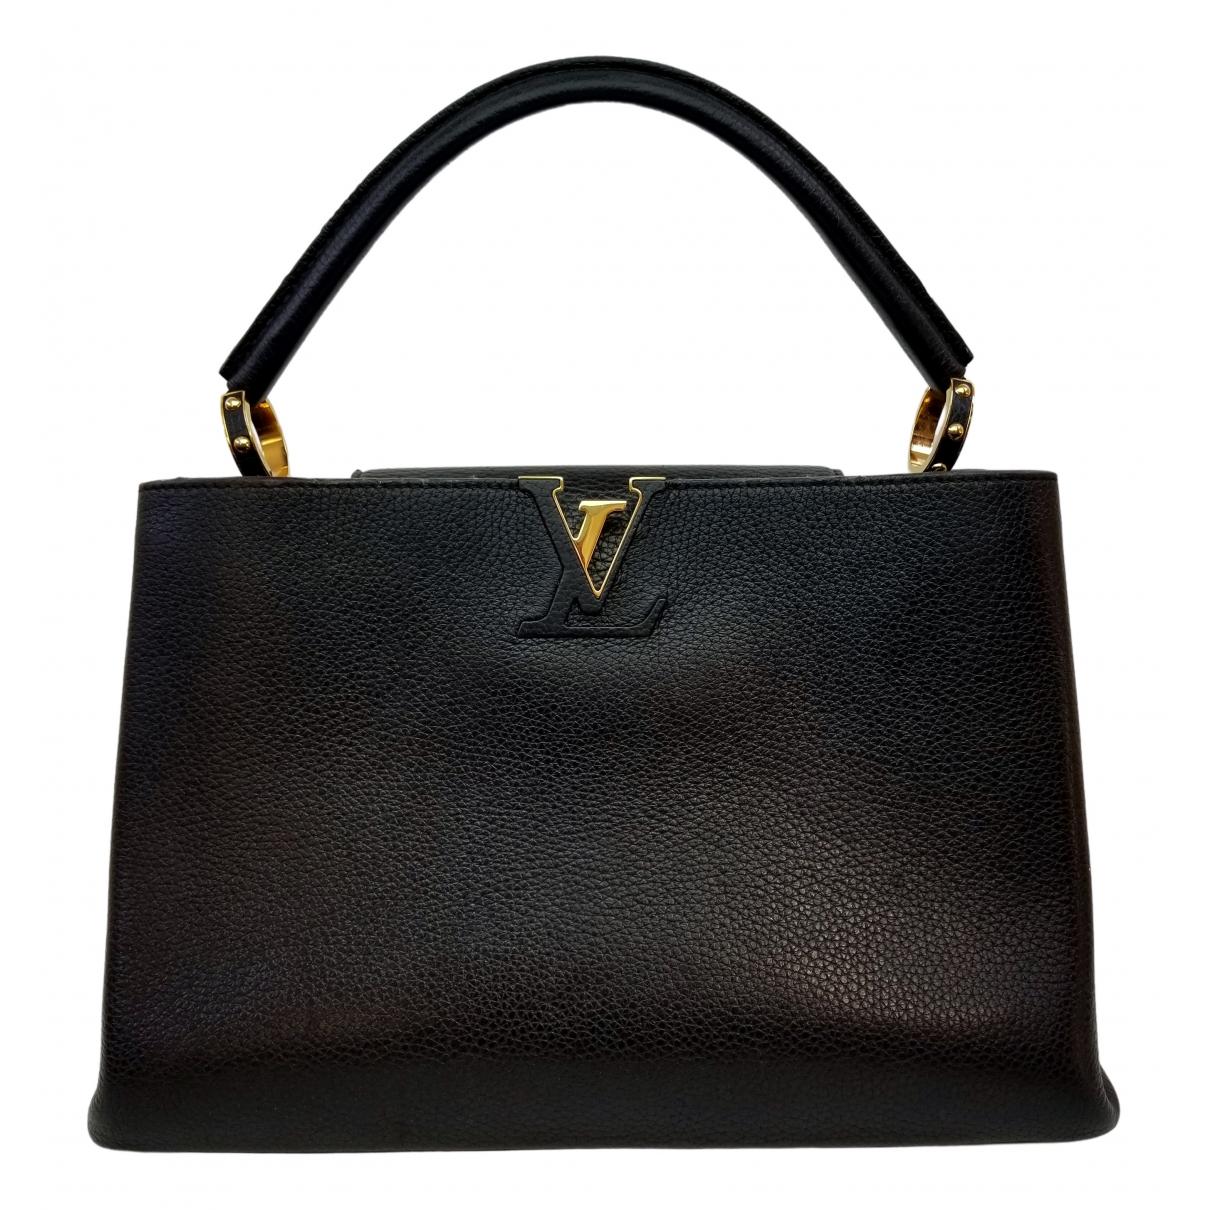 Louis Vuitton - Sac a main Capucines pour femme en cuir - noir